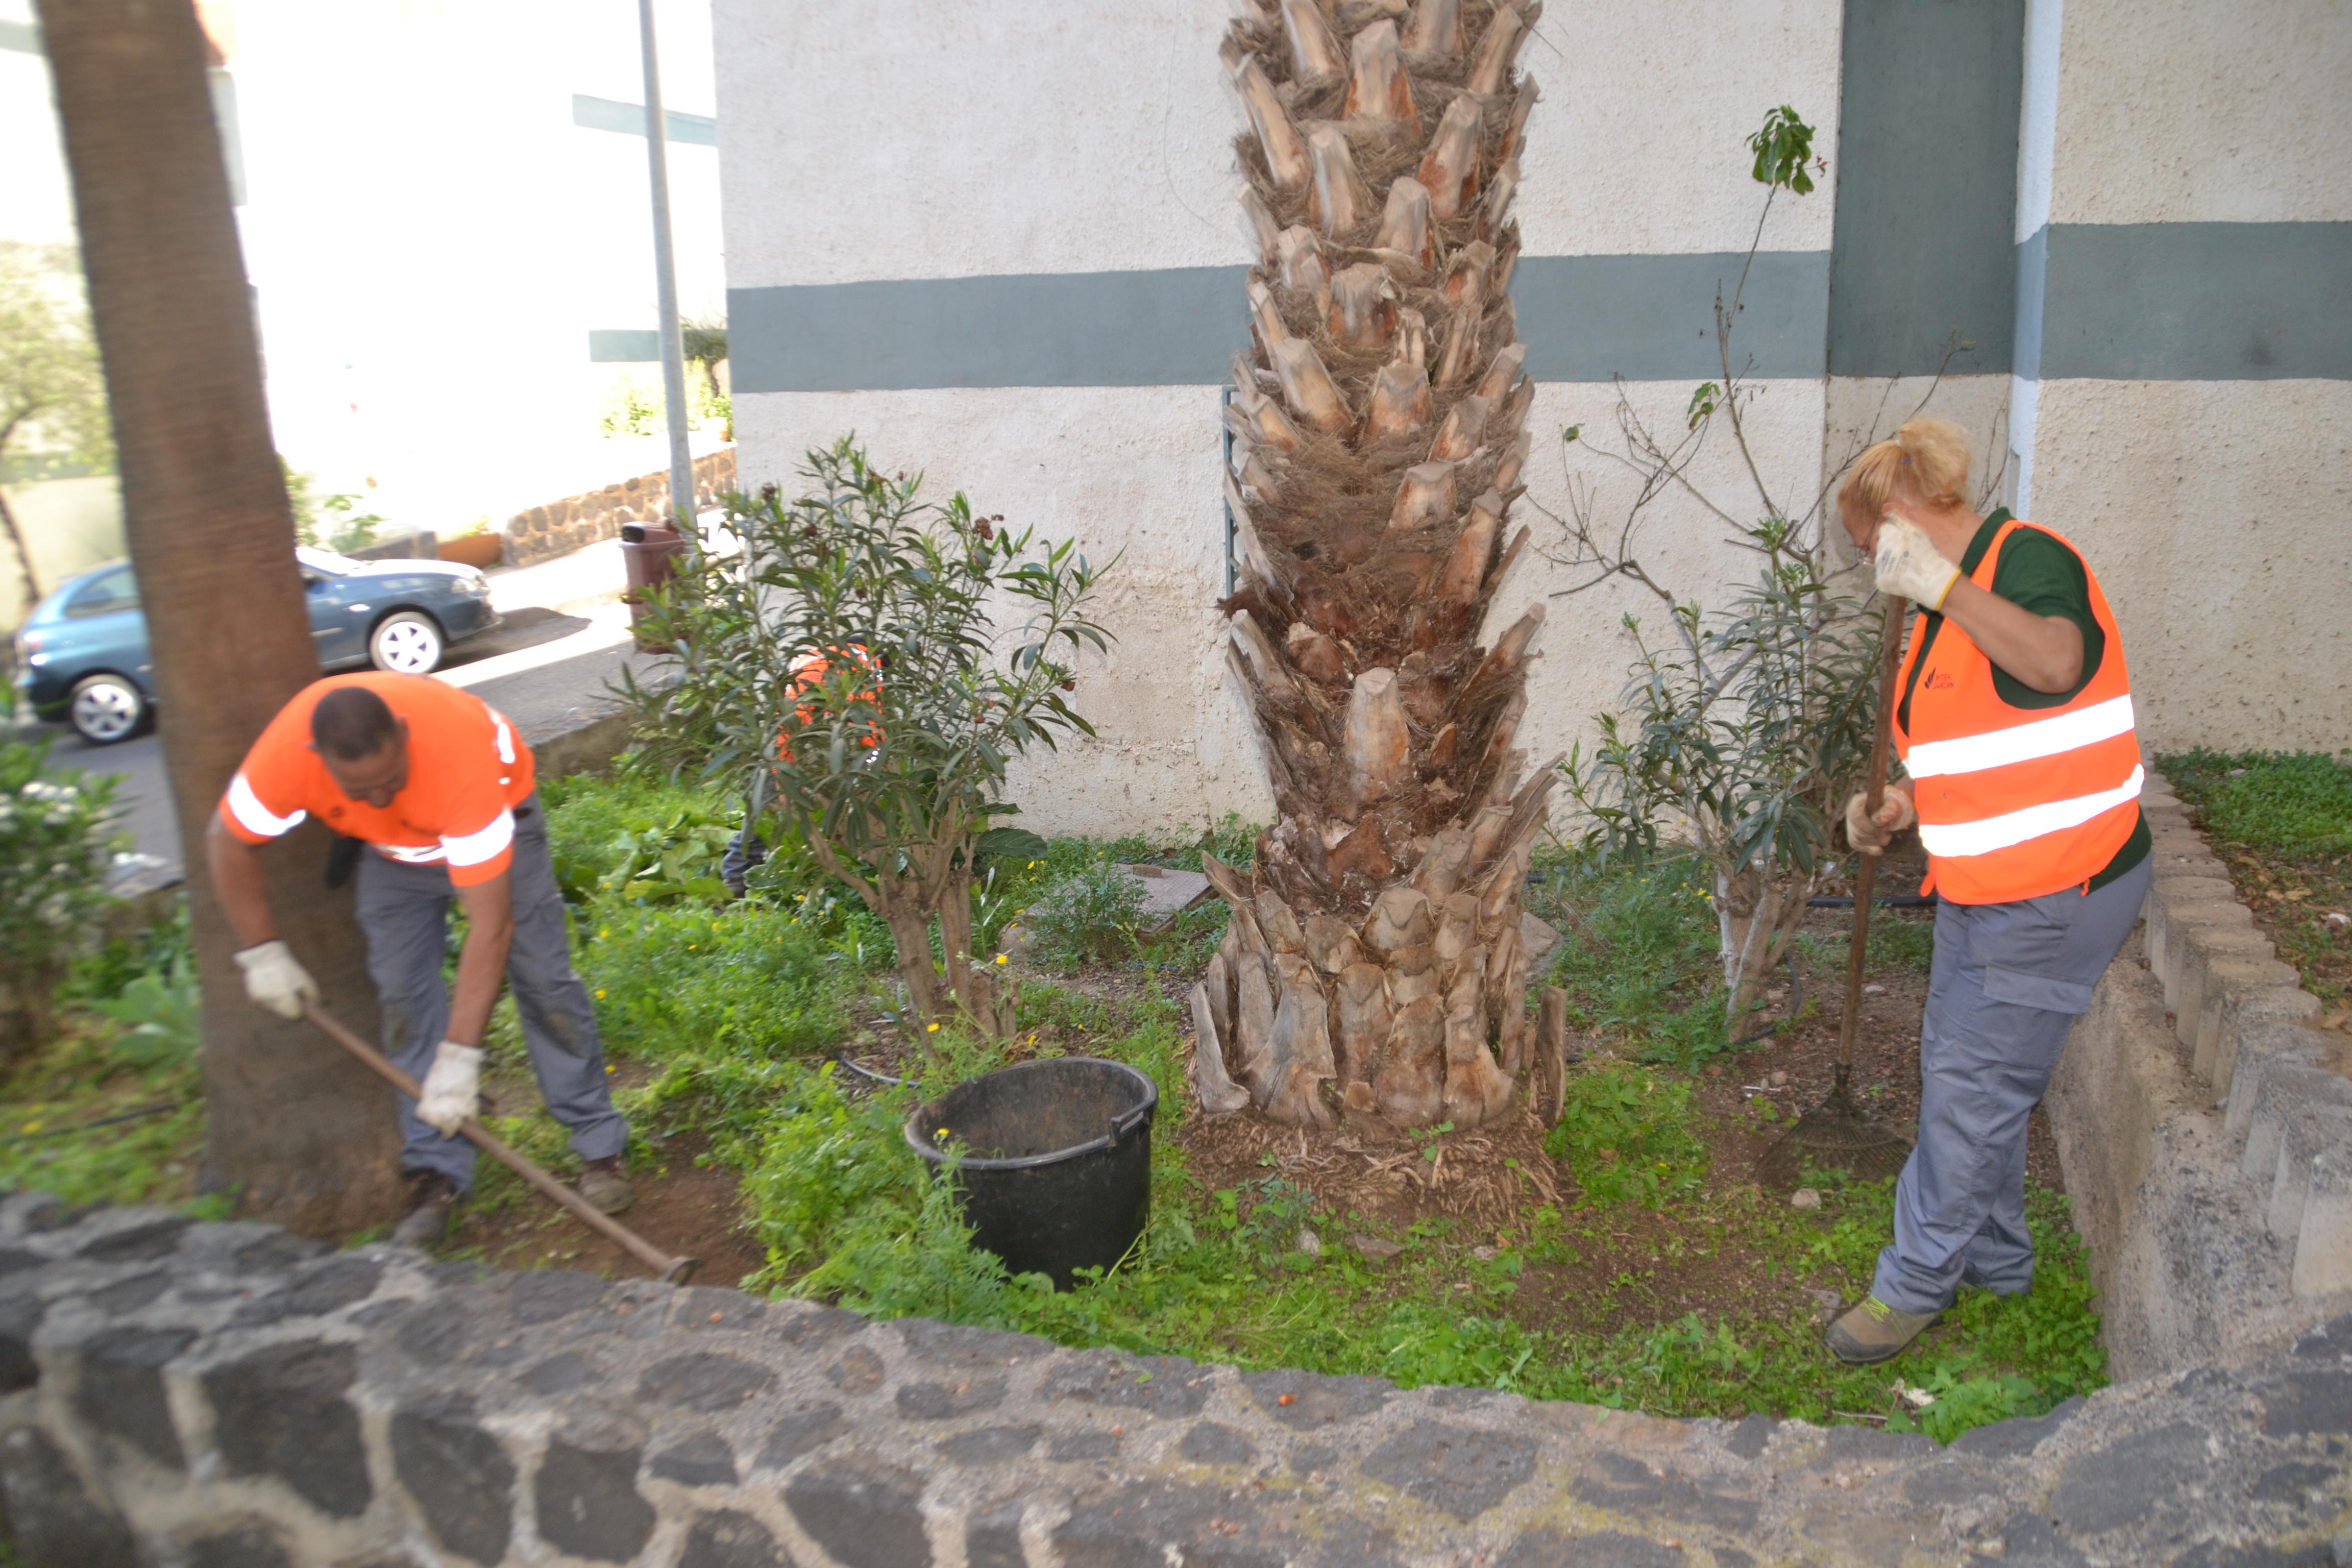 El Ayuntamiento de La Laguna inicia el miércoles (24 de abril) un plan de acción de limpieza en San Luis Gonzaga